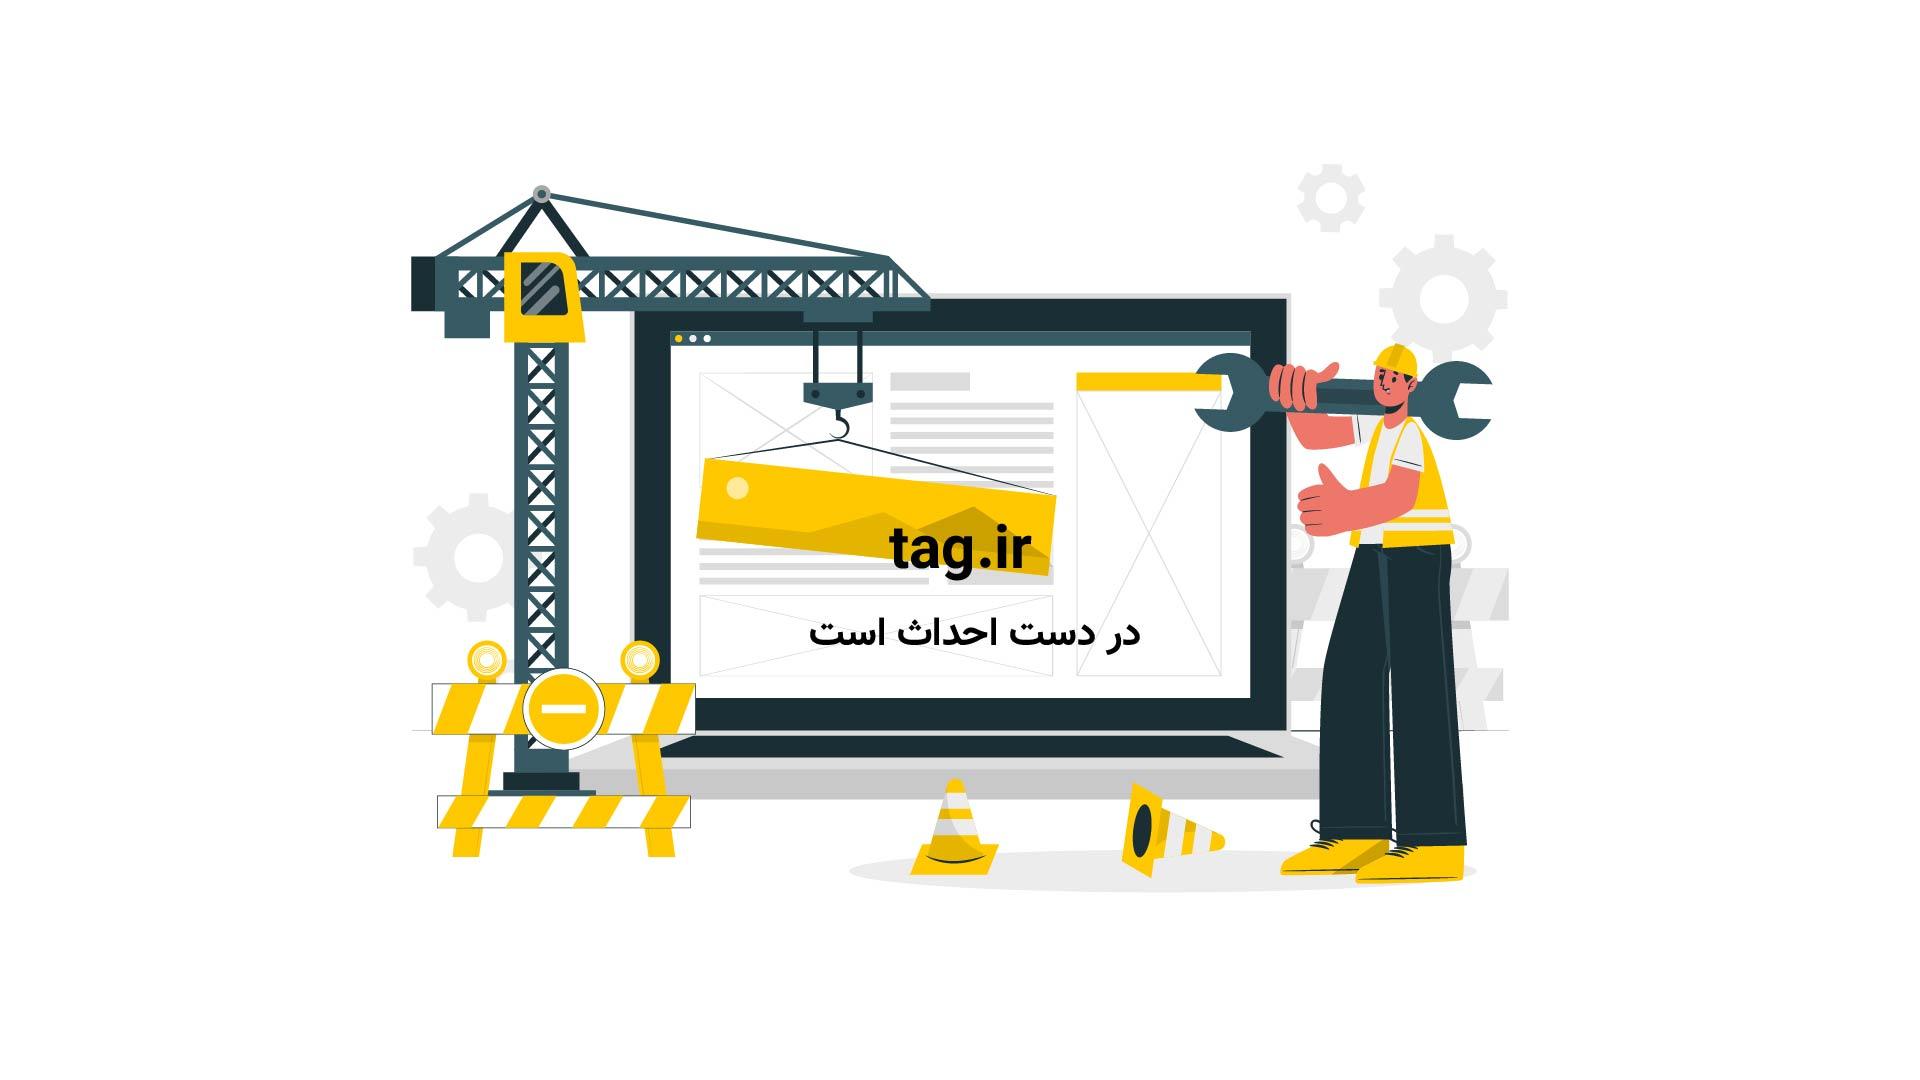 آبشار مرتفع پیران در استان کرمانشاه | فیلم